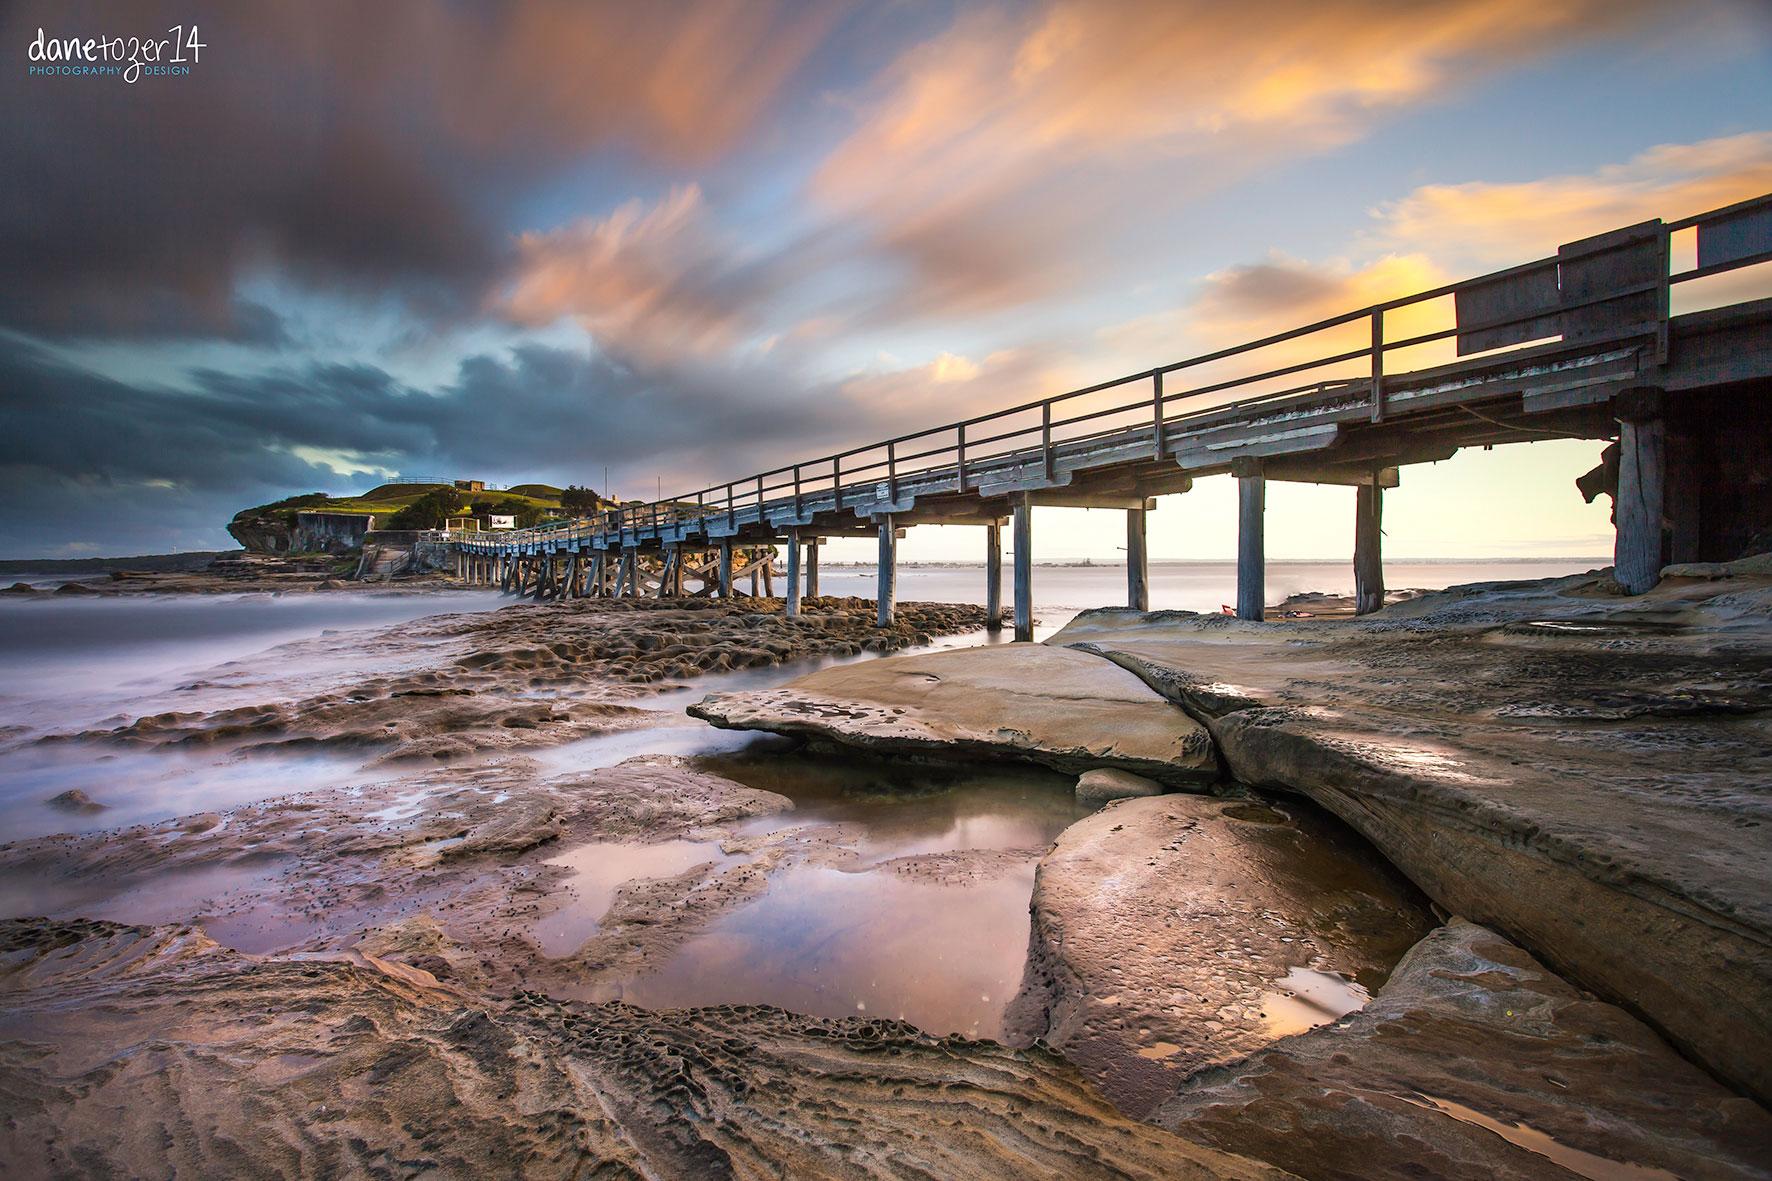 Bare Island, La Perouse NSW